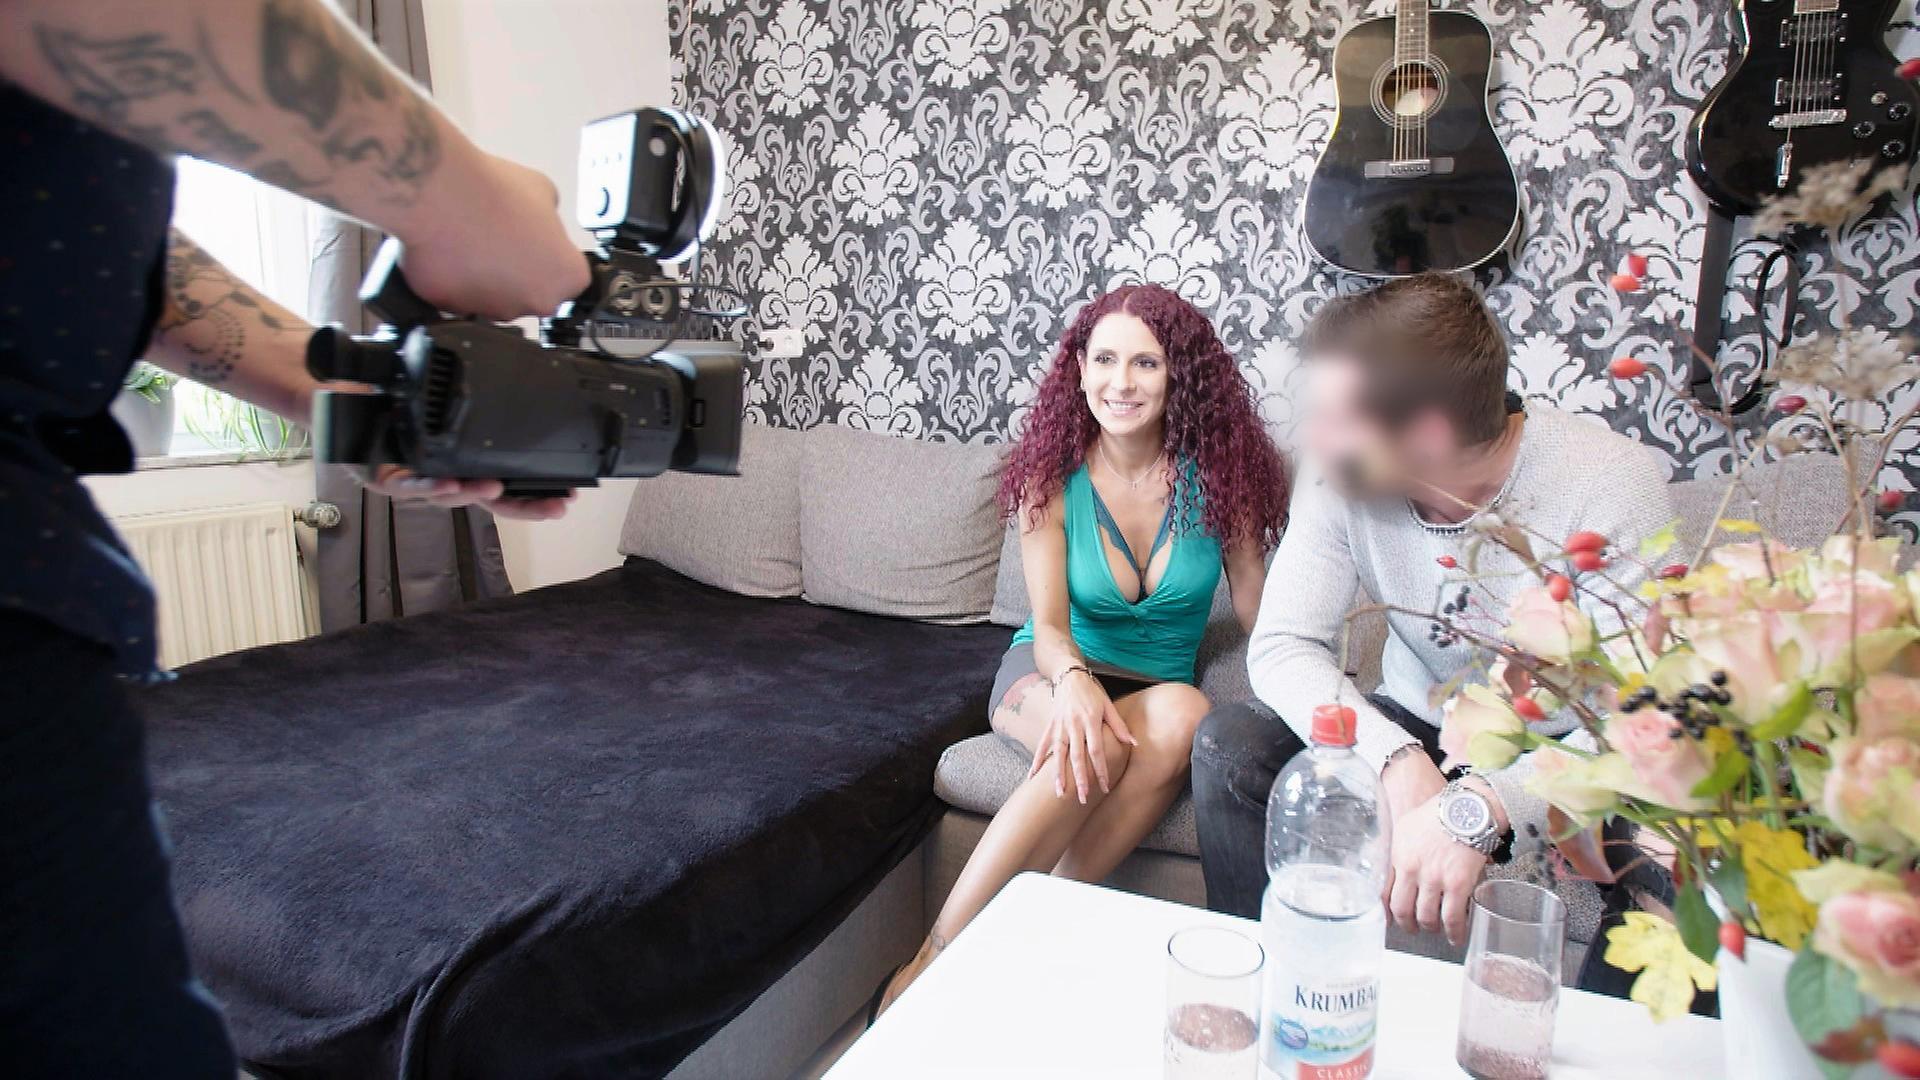 Spirt in Hosen Pornos Orgywettbewerb